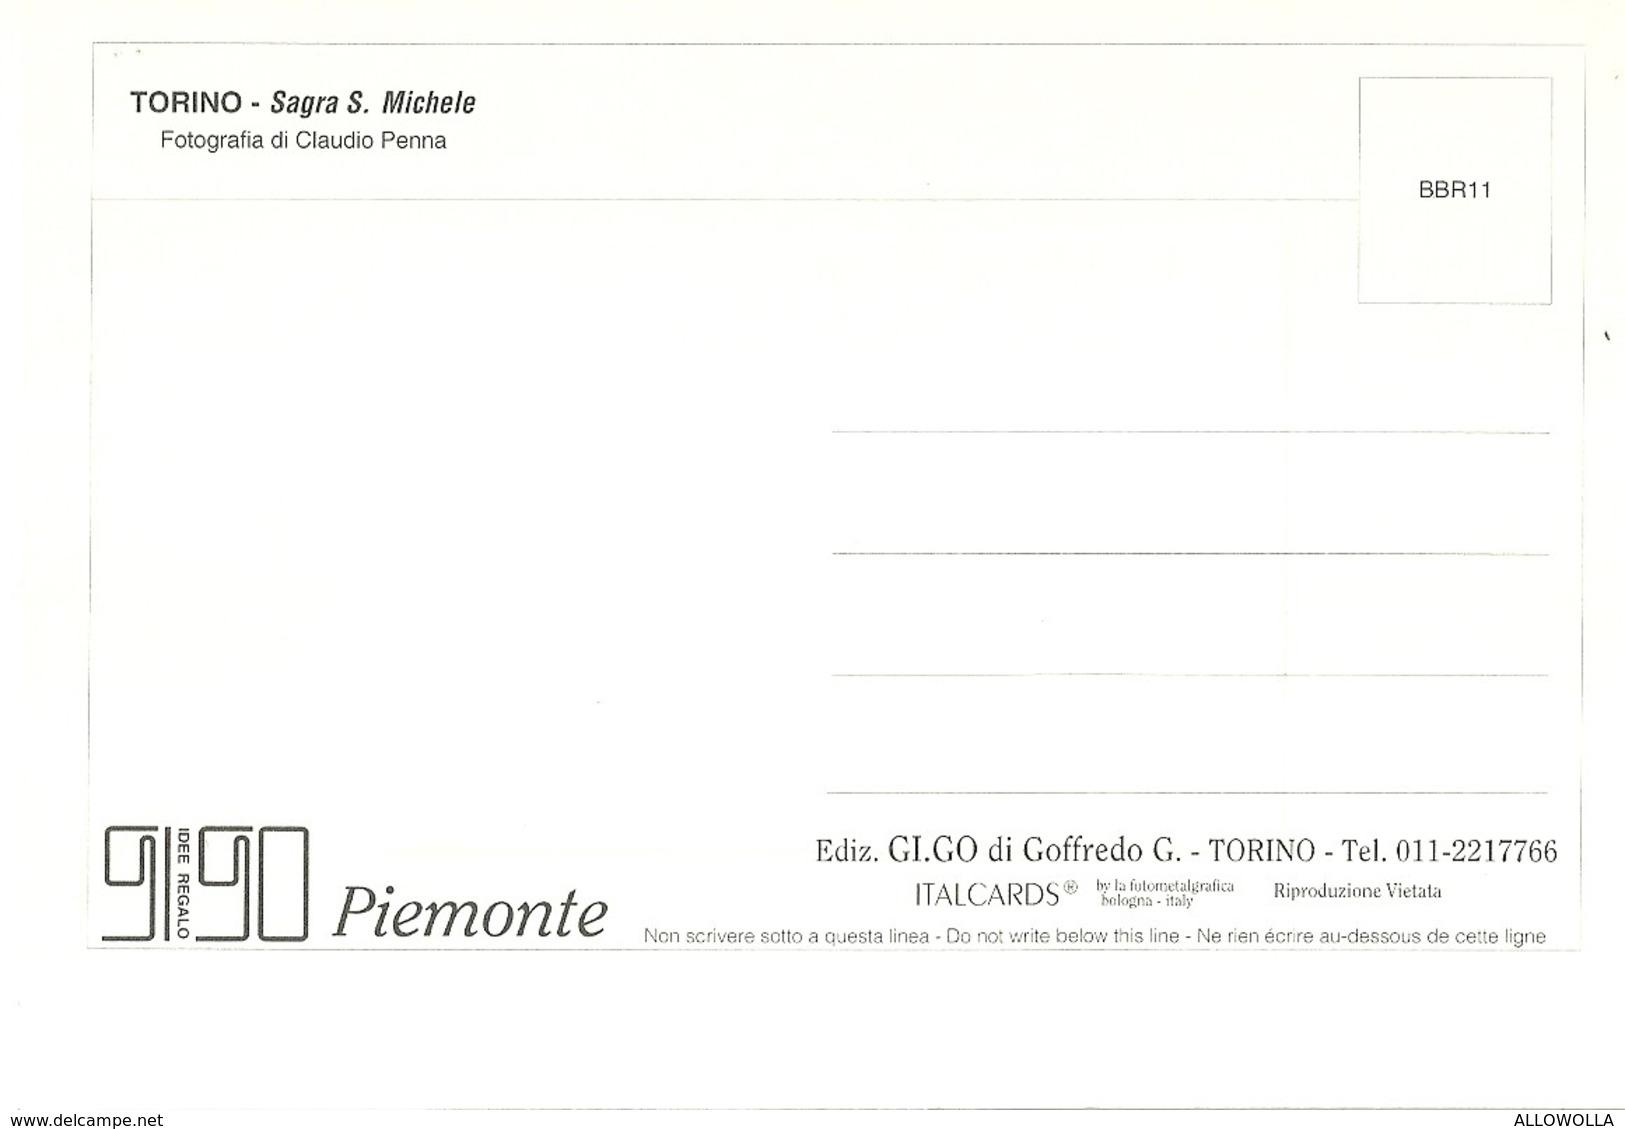 """3011 """" PIEMONTE - TORINO - LA SAGRA S. MICHELE - FOTO DI CLAUDIO PENNA """" CART. POS.OR. NON SPED. - Churches"""